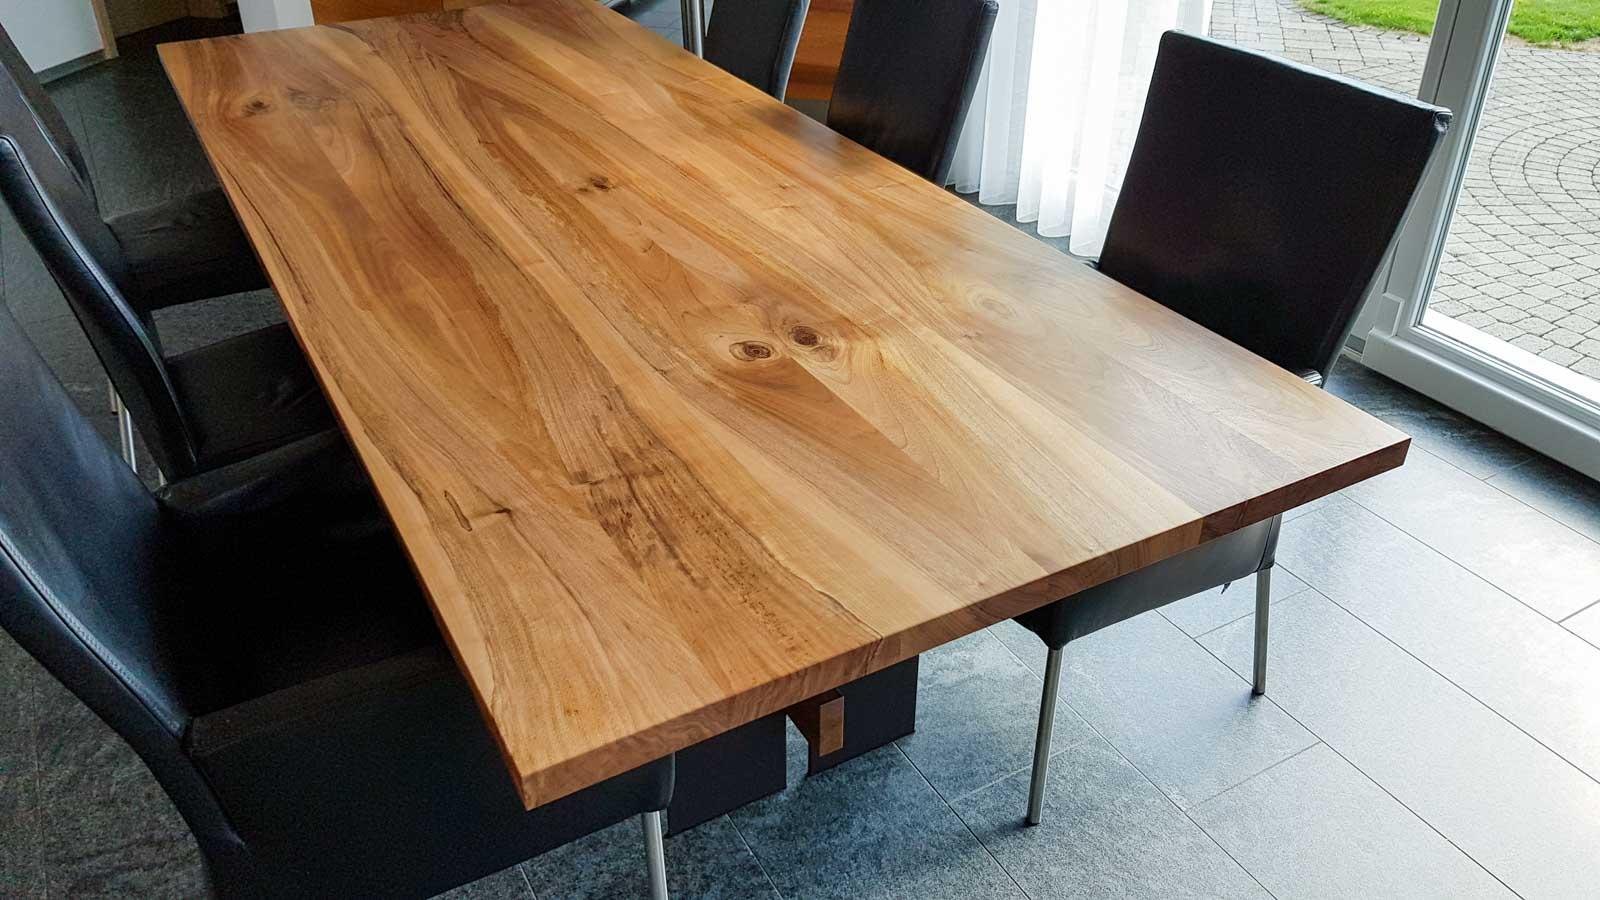 Wooddesign_Tisch_Eiche massiv_Schwarzstahl_Beine innen_Taverse (4)